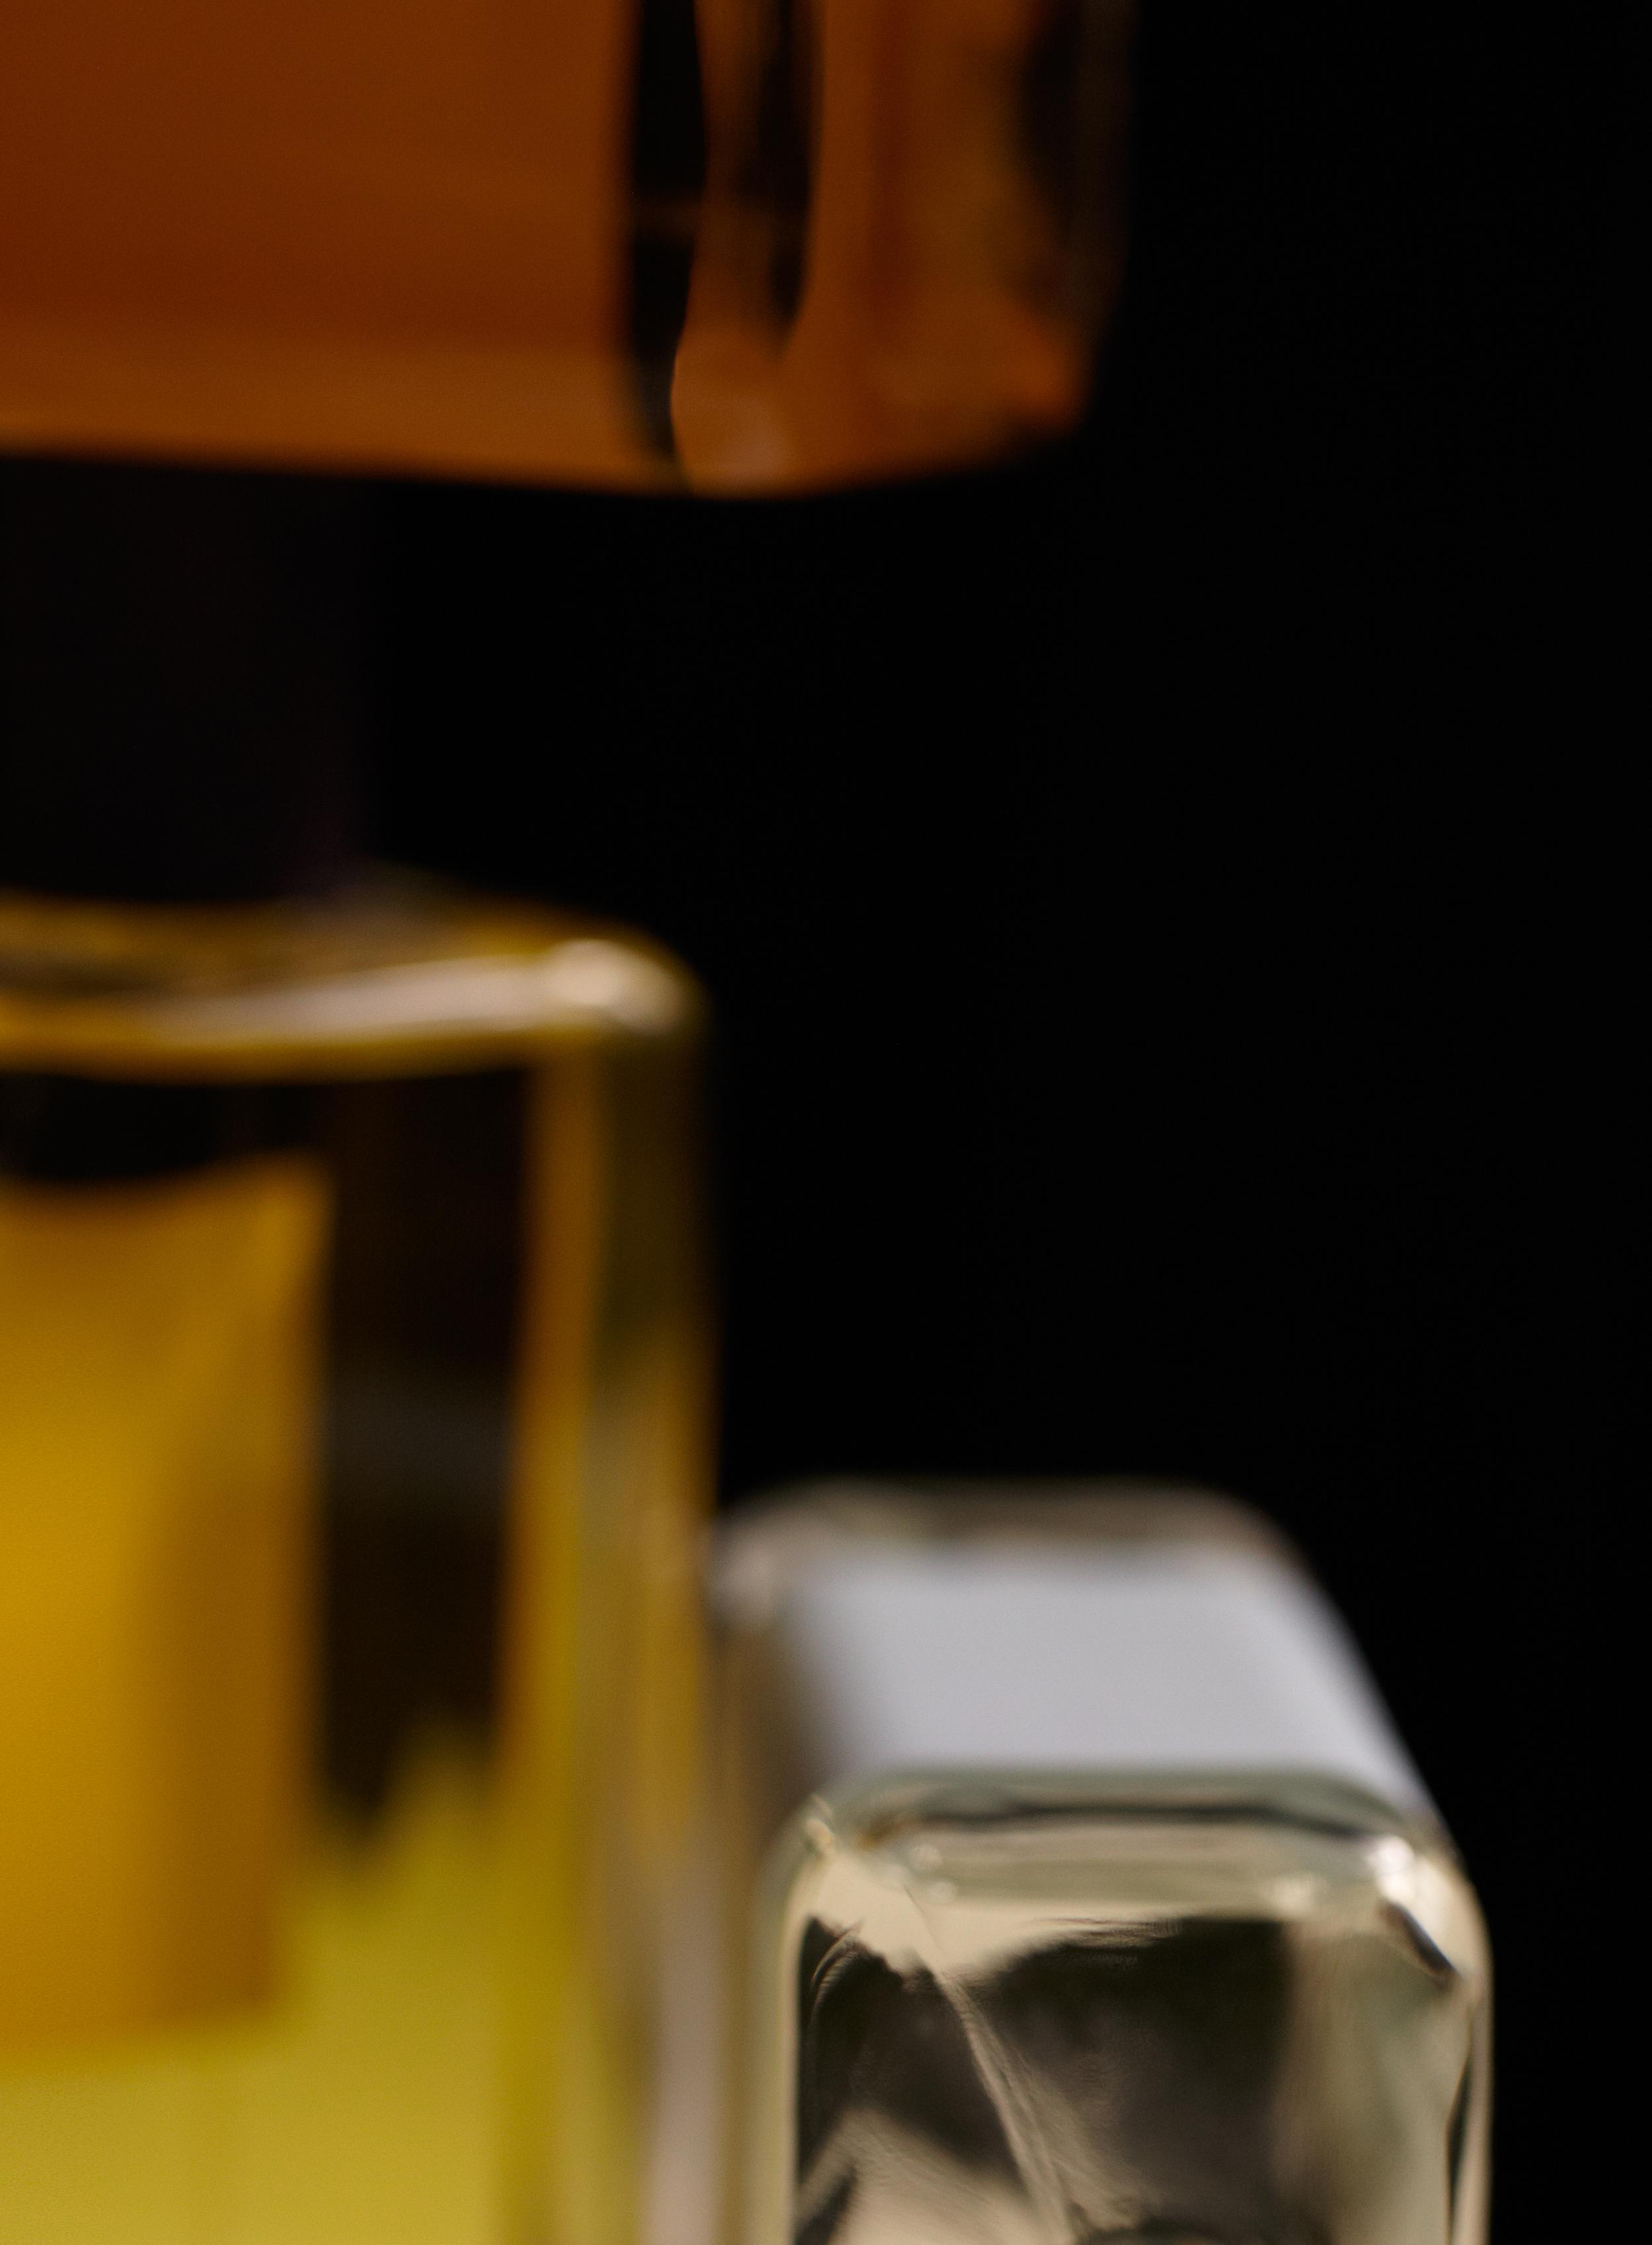 09.06.14-Fragrance-11808.jpg